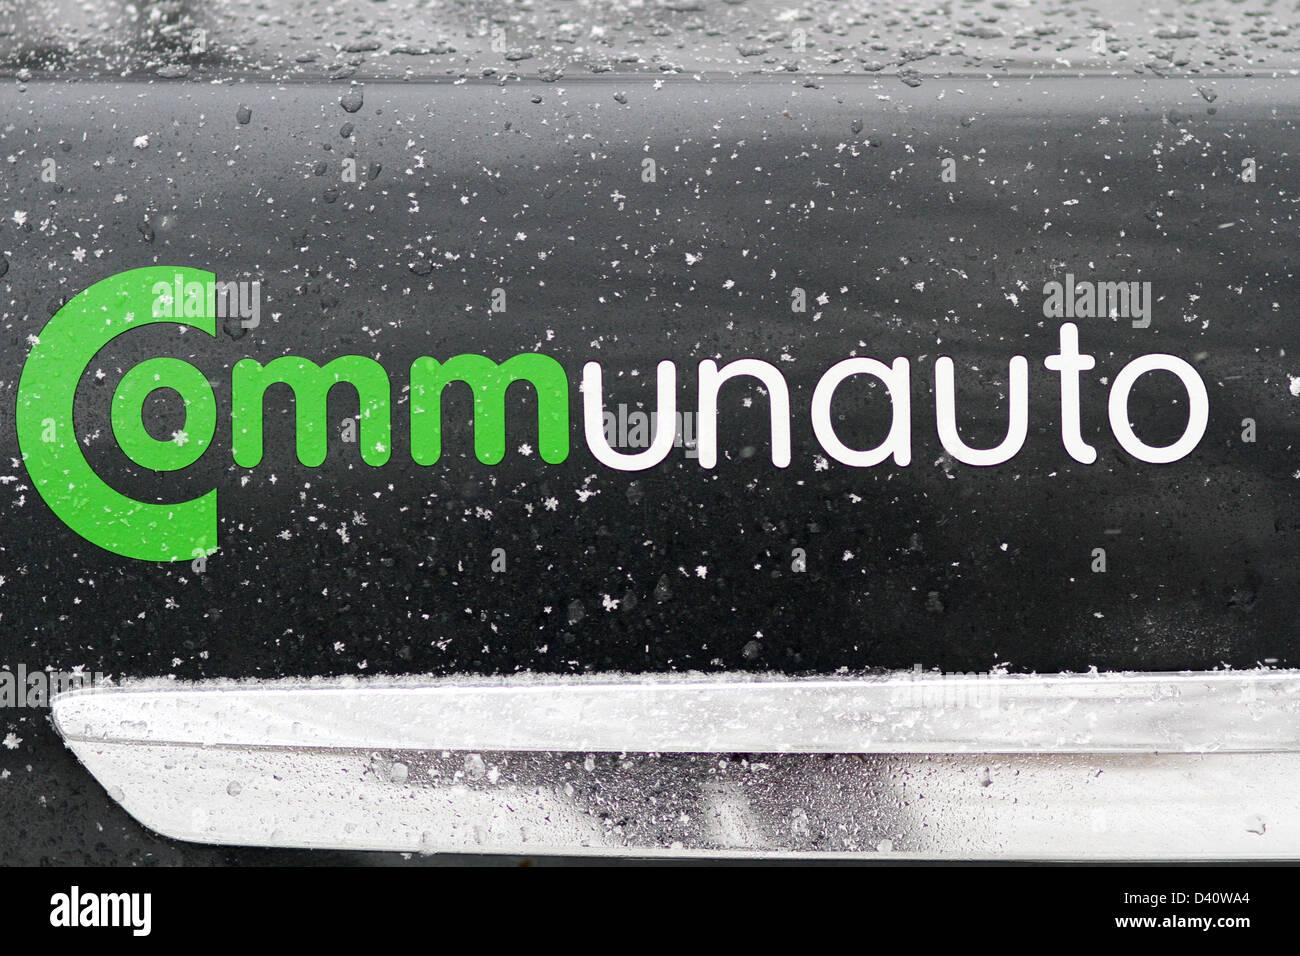 Communauto carsharing es una empresa con sede en Montreal, Quebec. Imagen De Stock